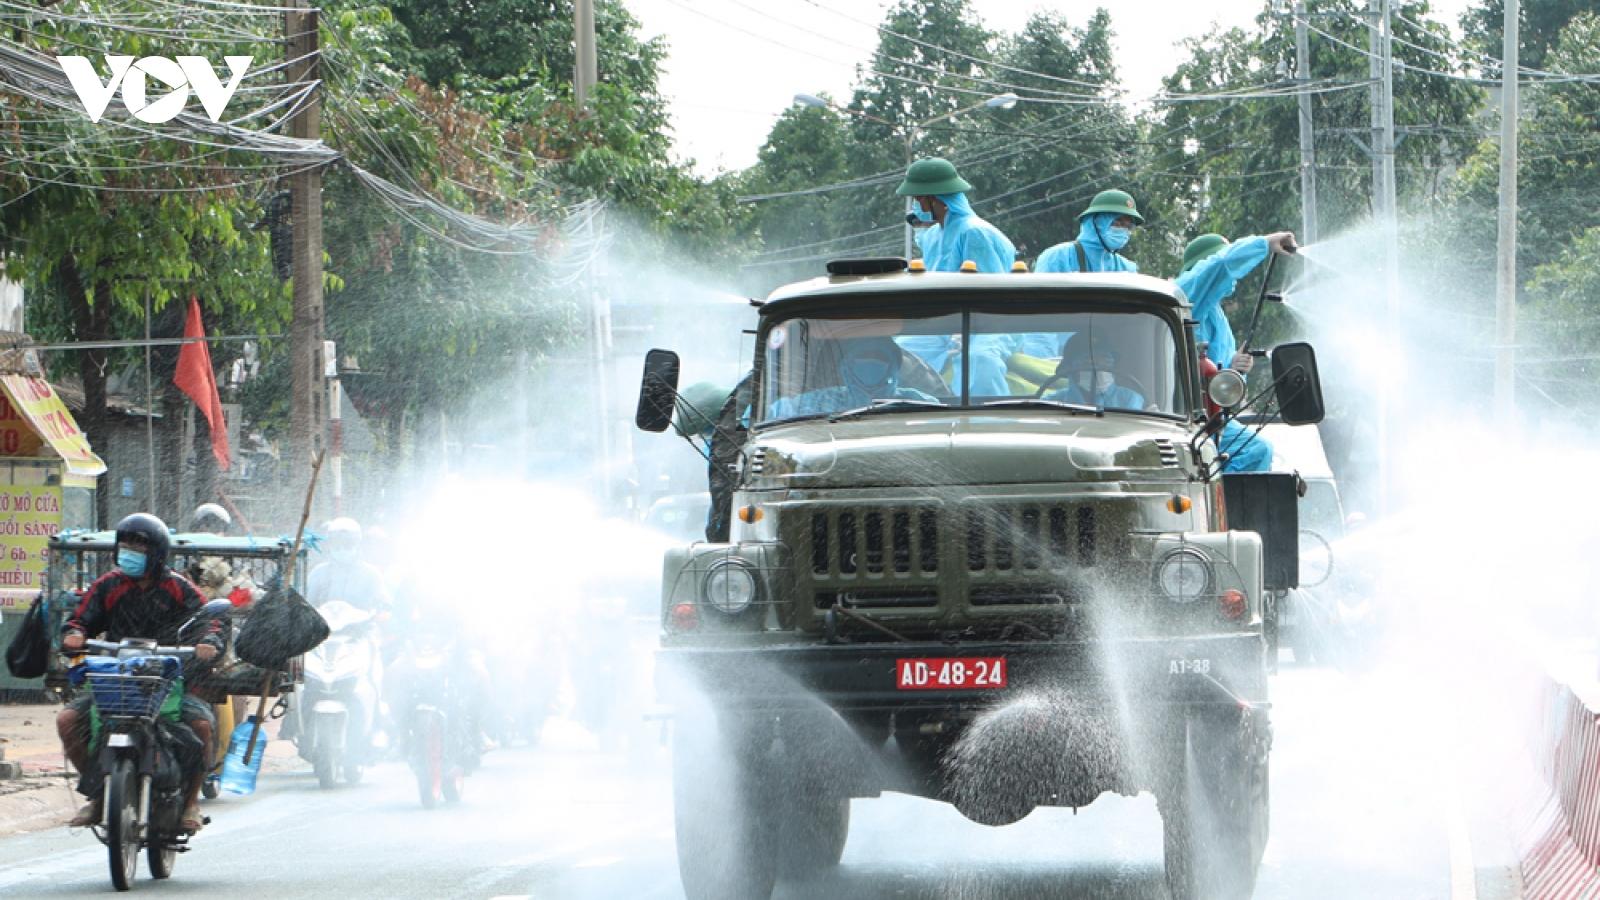 Bộ Tư lệnh Quân đoàn 4 hỗ trợ Bình Dương phun khử khuẩn phòng dịch Covid-19